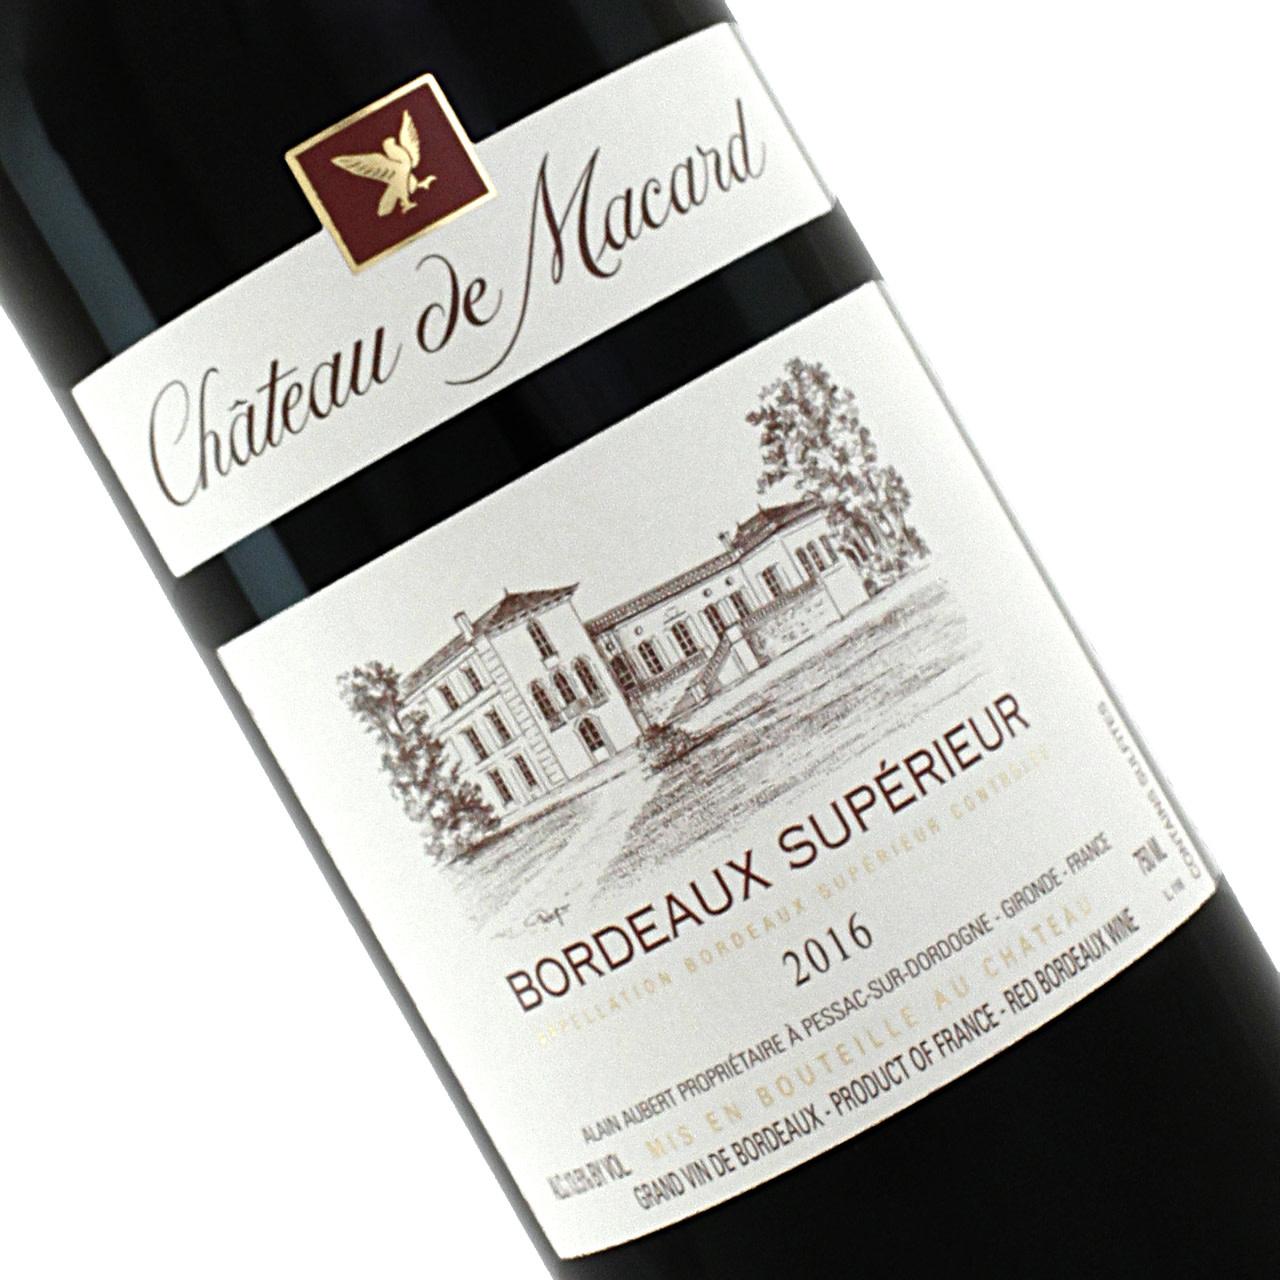 Chateau de Macard 2016 Bordeaux Superieur